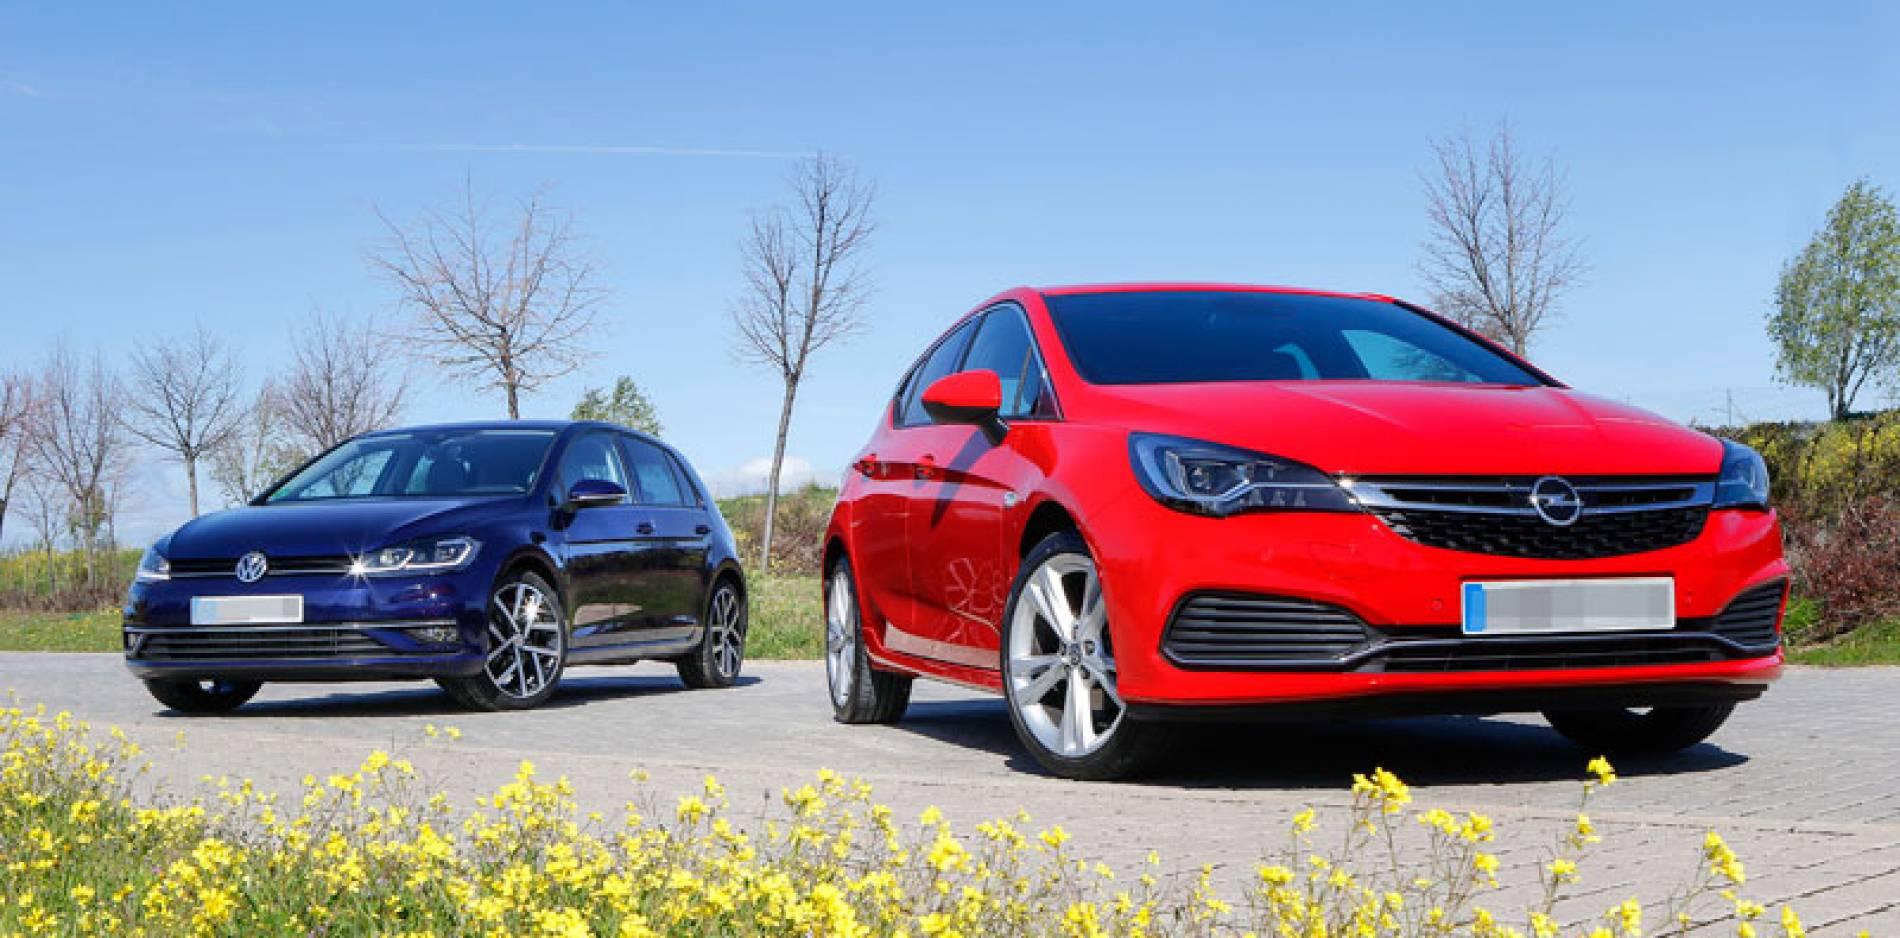 Opel Astra vs. Volkswagen Golf, ¿con cuál te quedas?